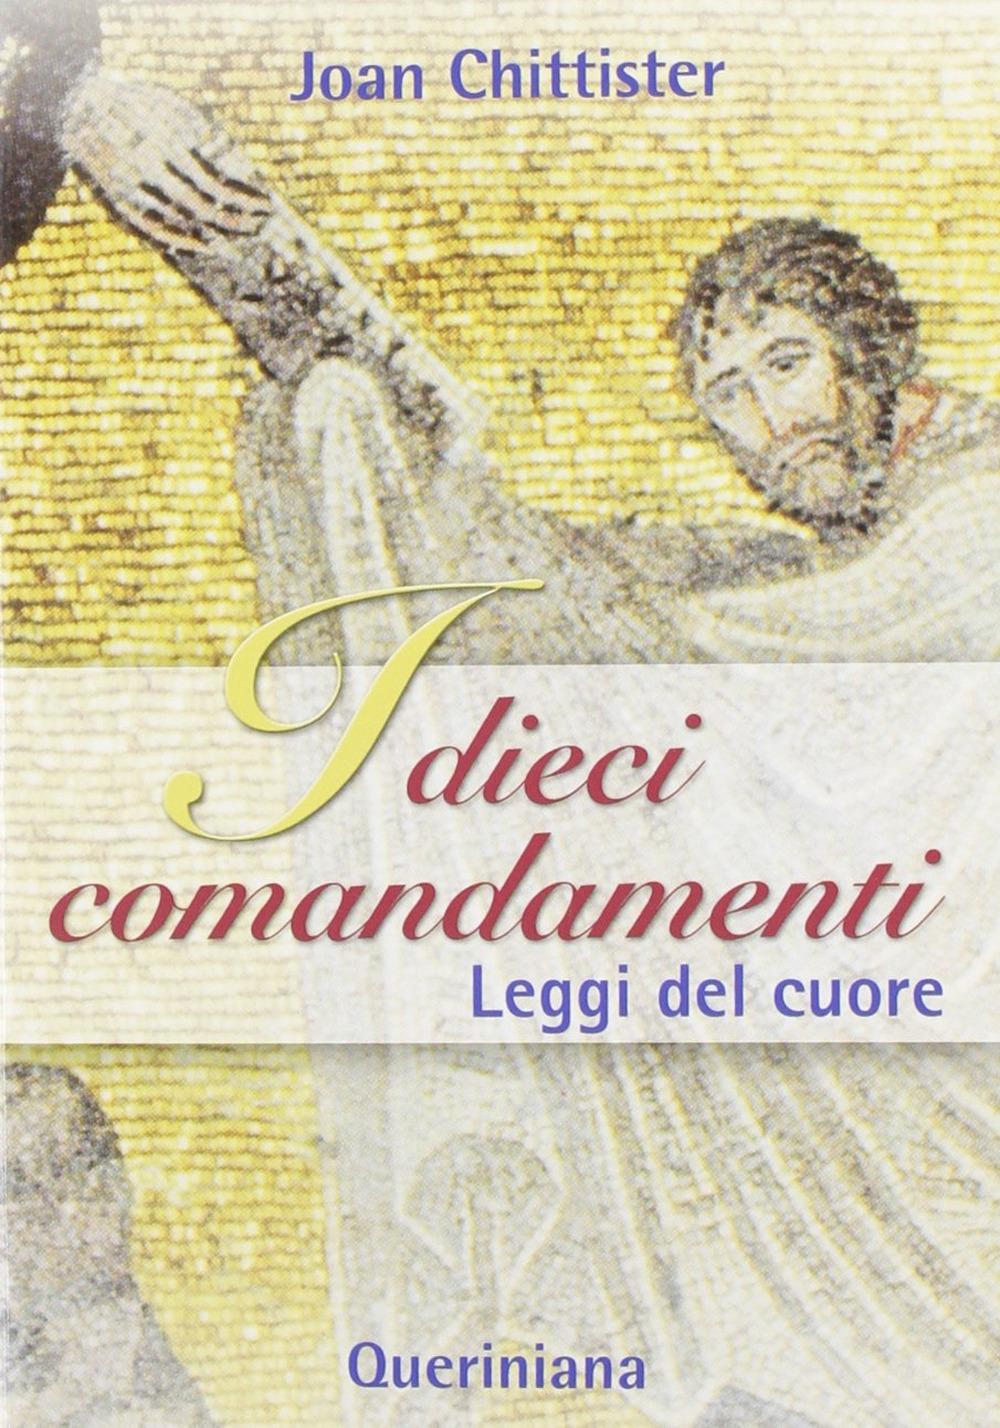 I dieci comandamenti. Leggi del cuore